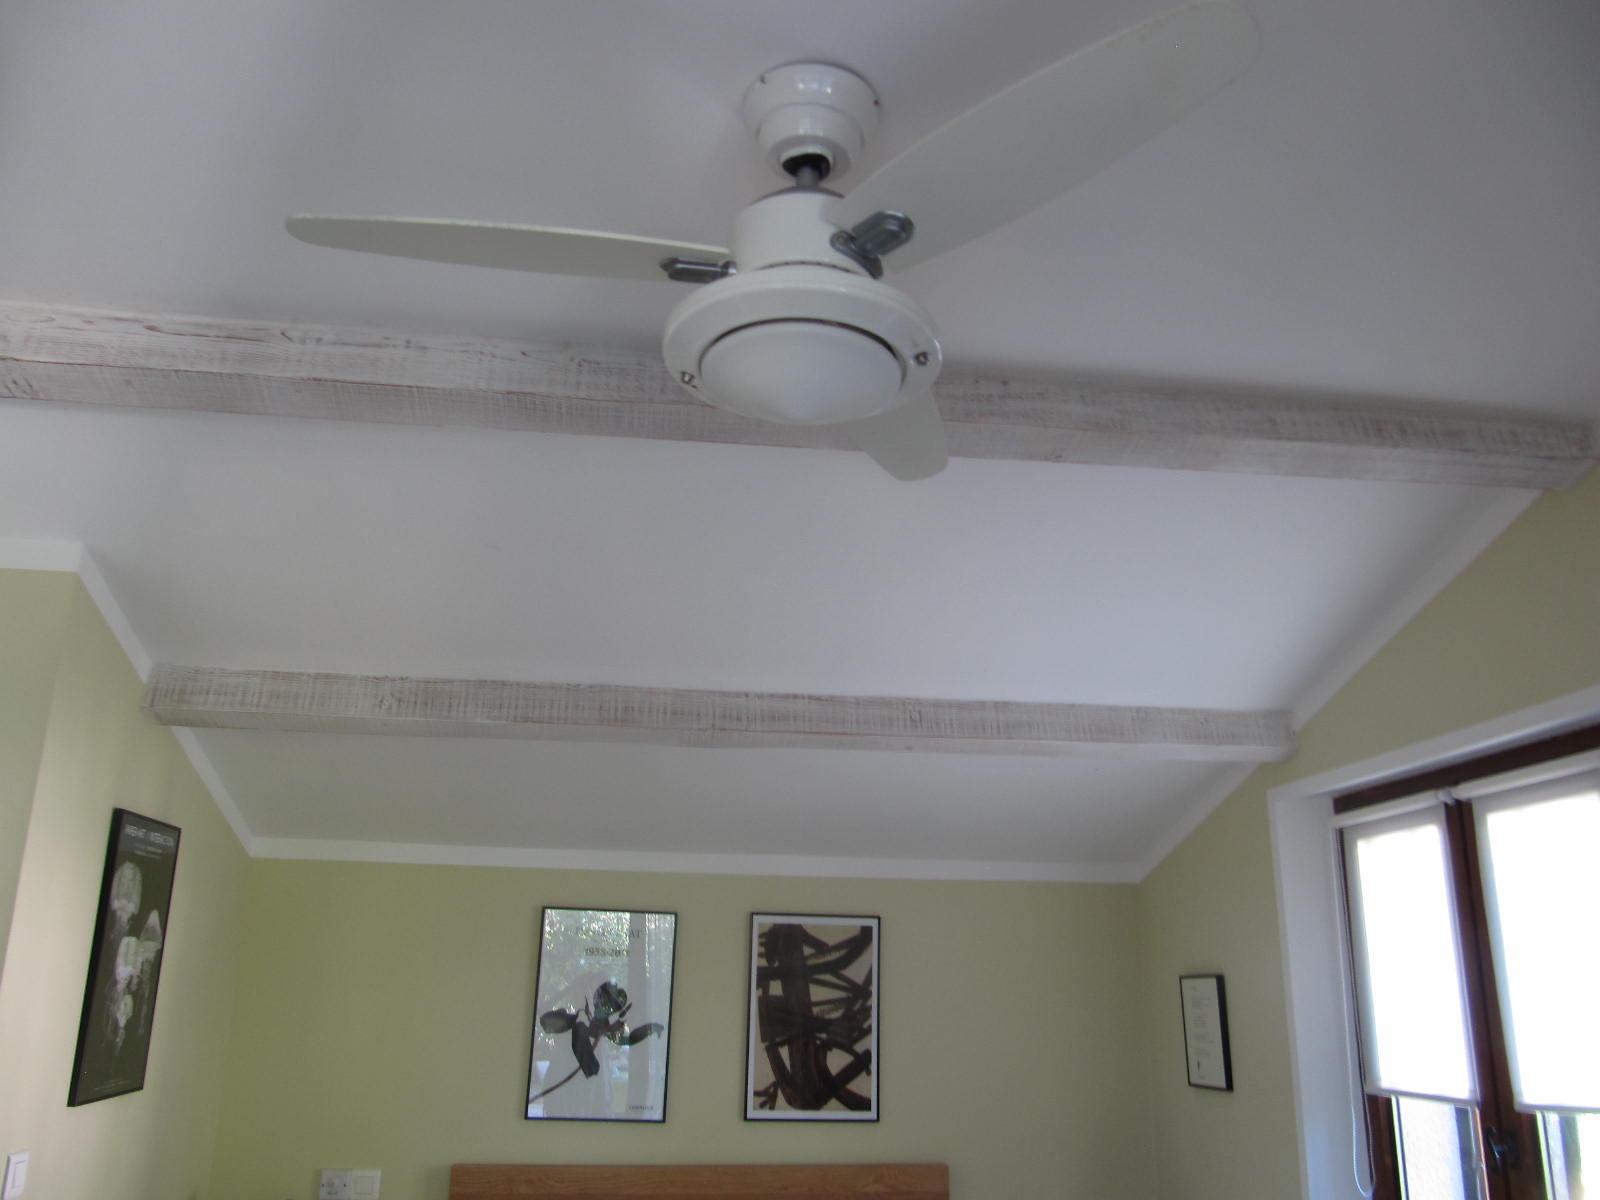 le-ventilateur-de-plafond-20151206-1621301727db27717b-0b41-c93a-5a42-a66aa8fdb1fe96236D26-7448-8DA0-FD49-3CF4171AF360.jpg